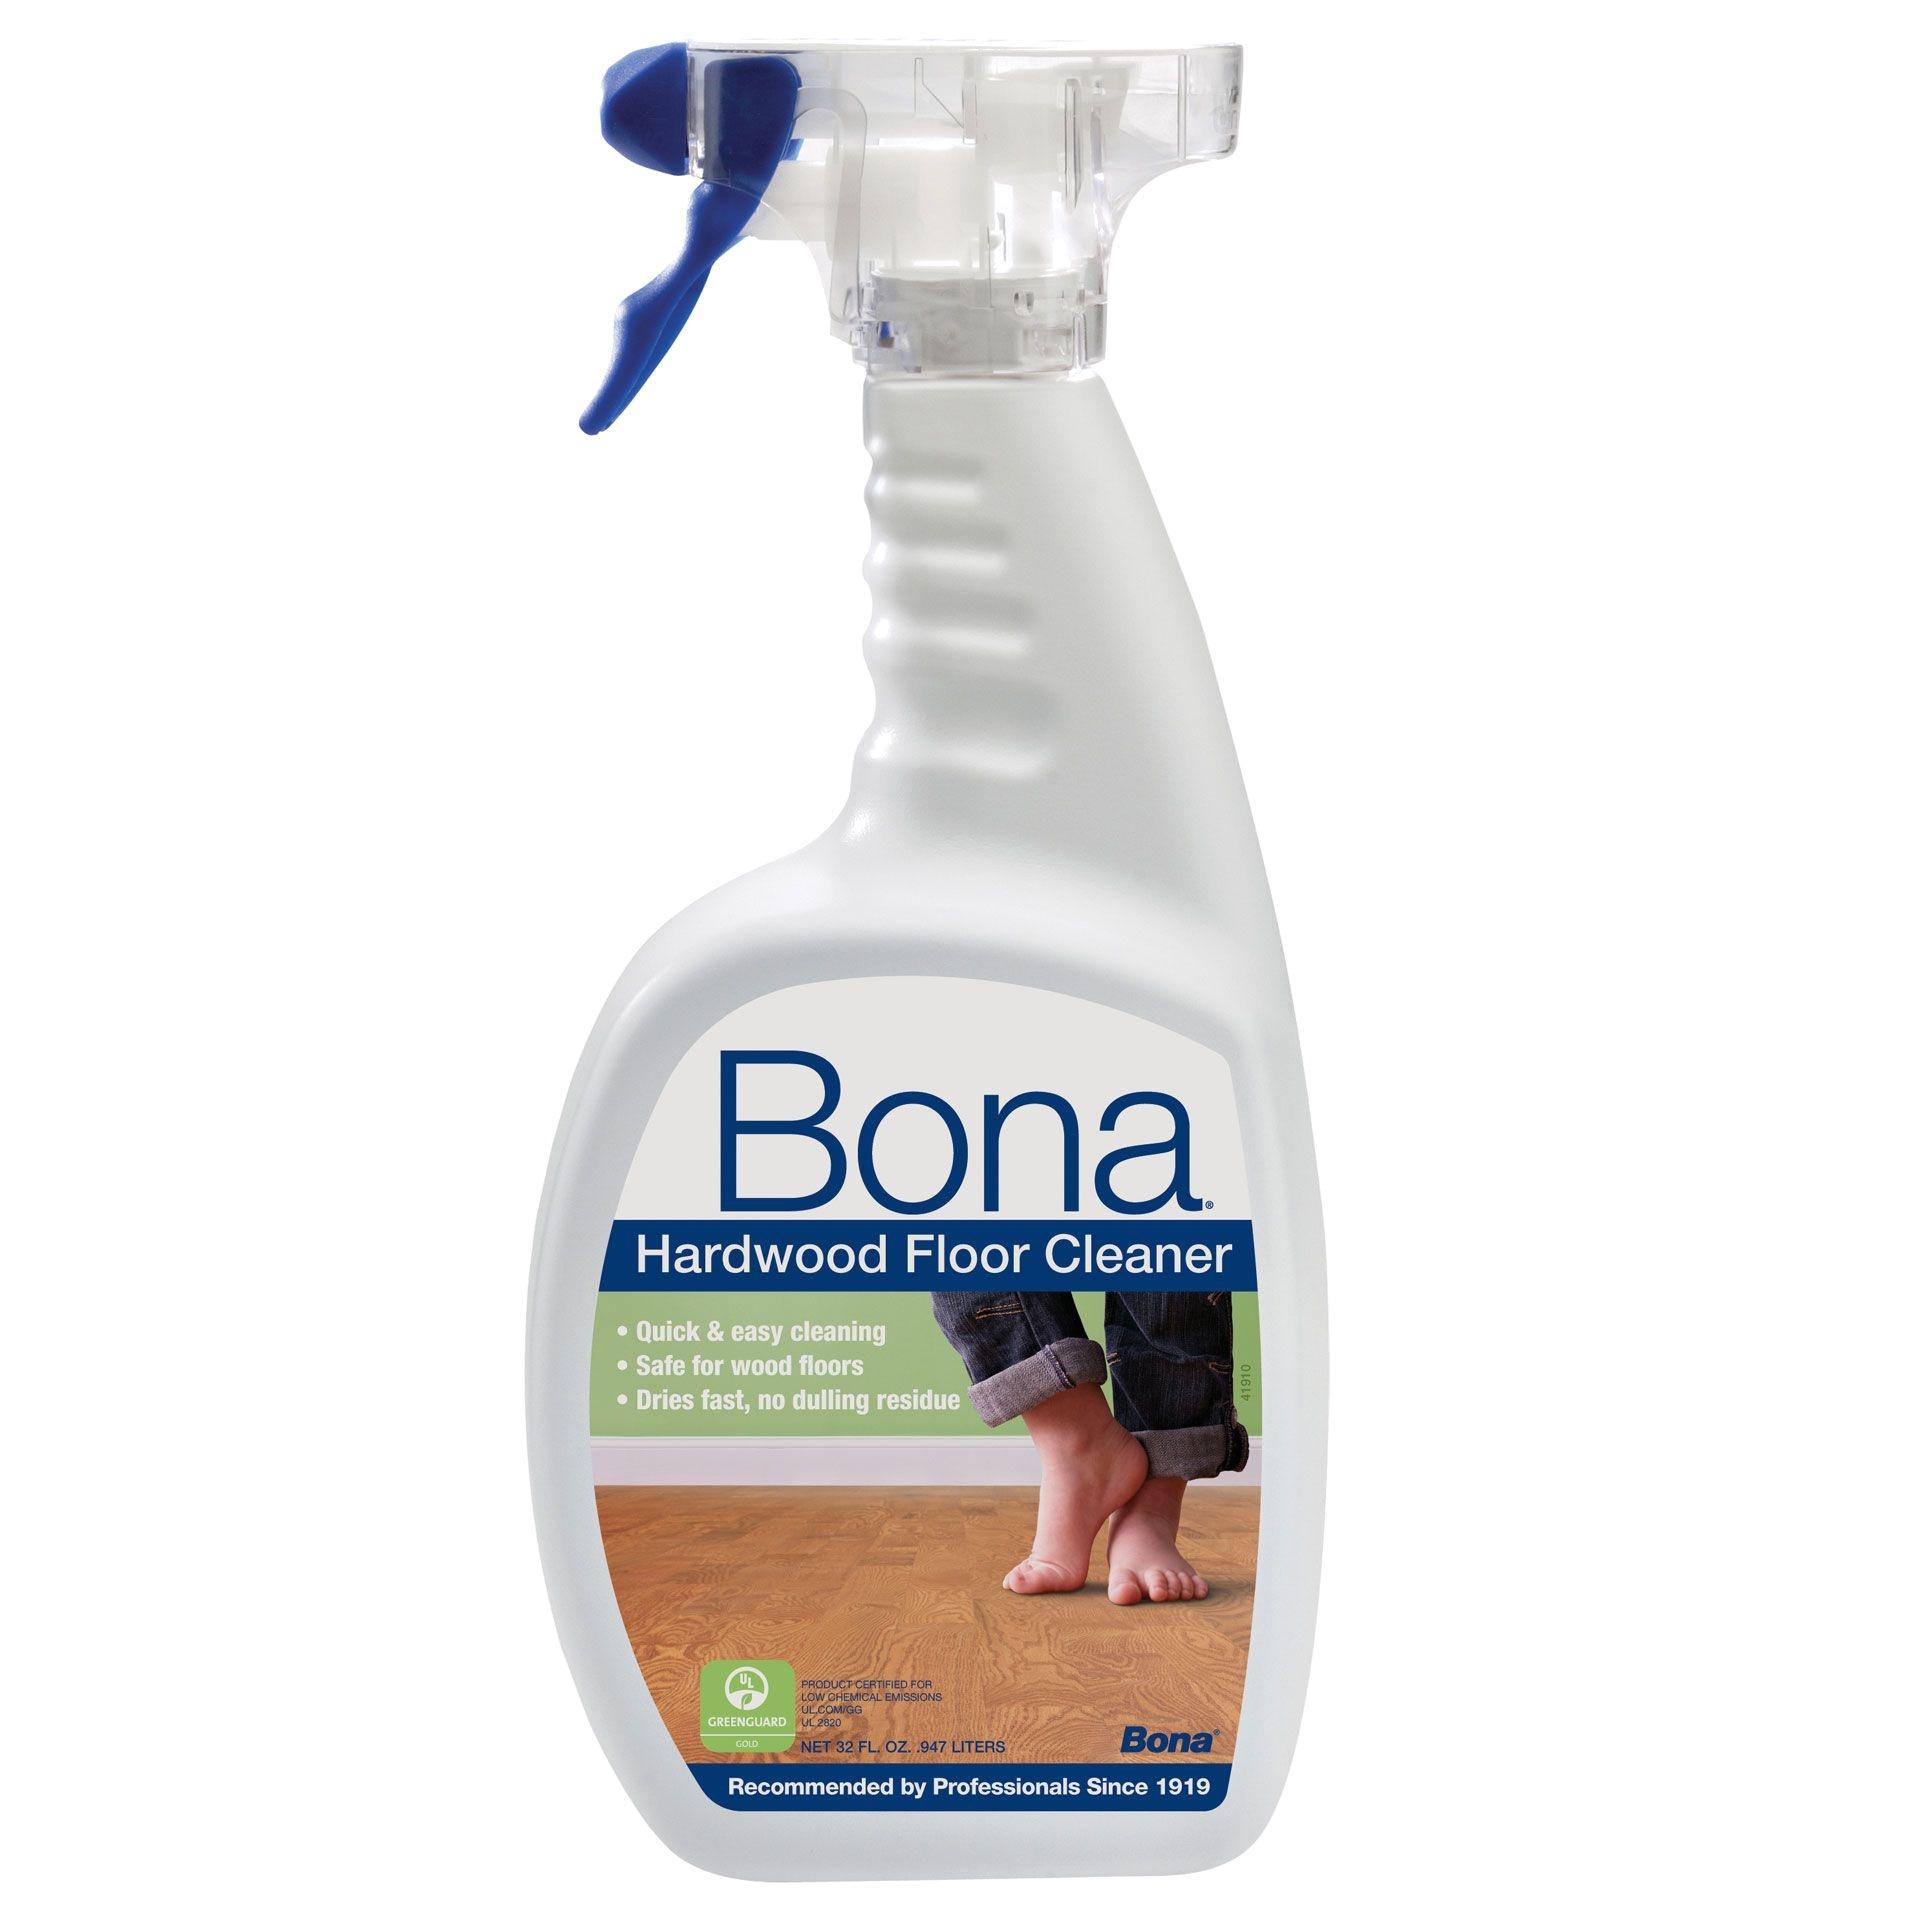 Bona Floor Products Nz Bona Hardwood Floor Cleaner Review